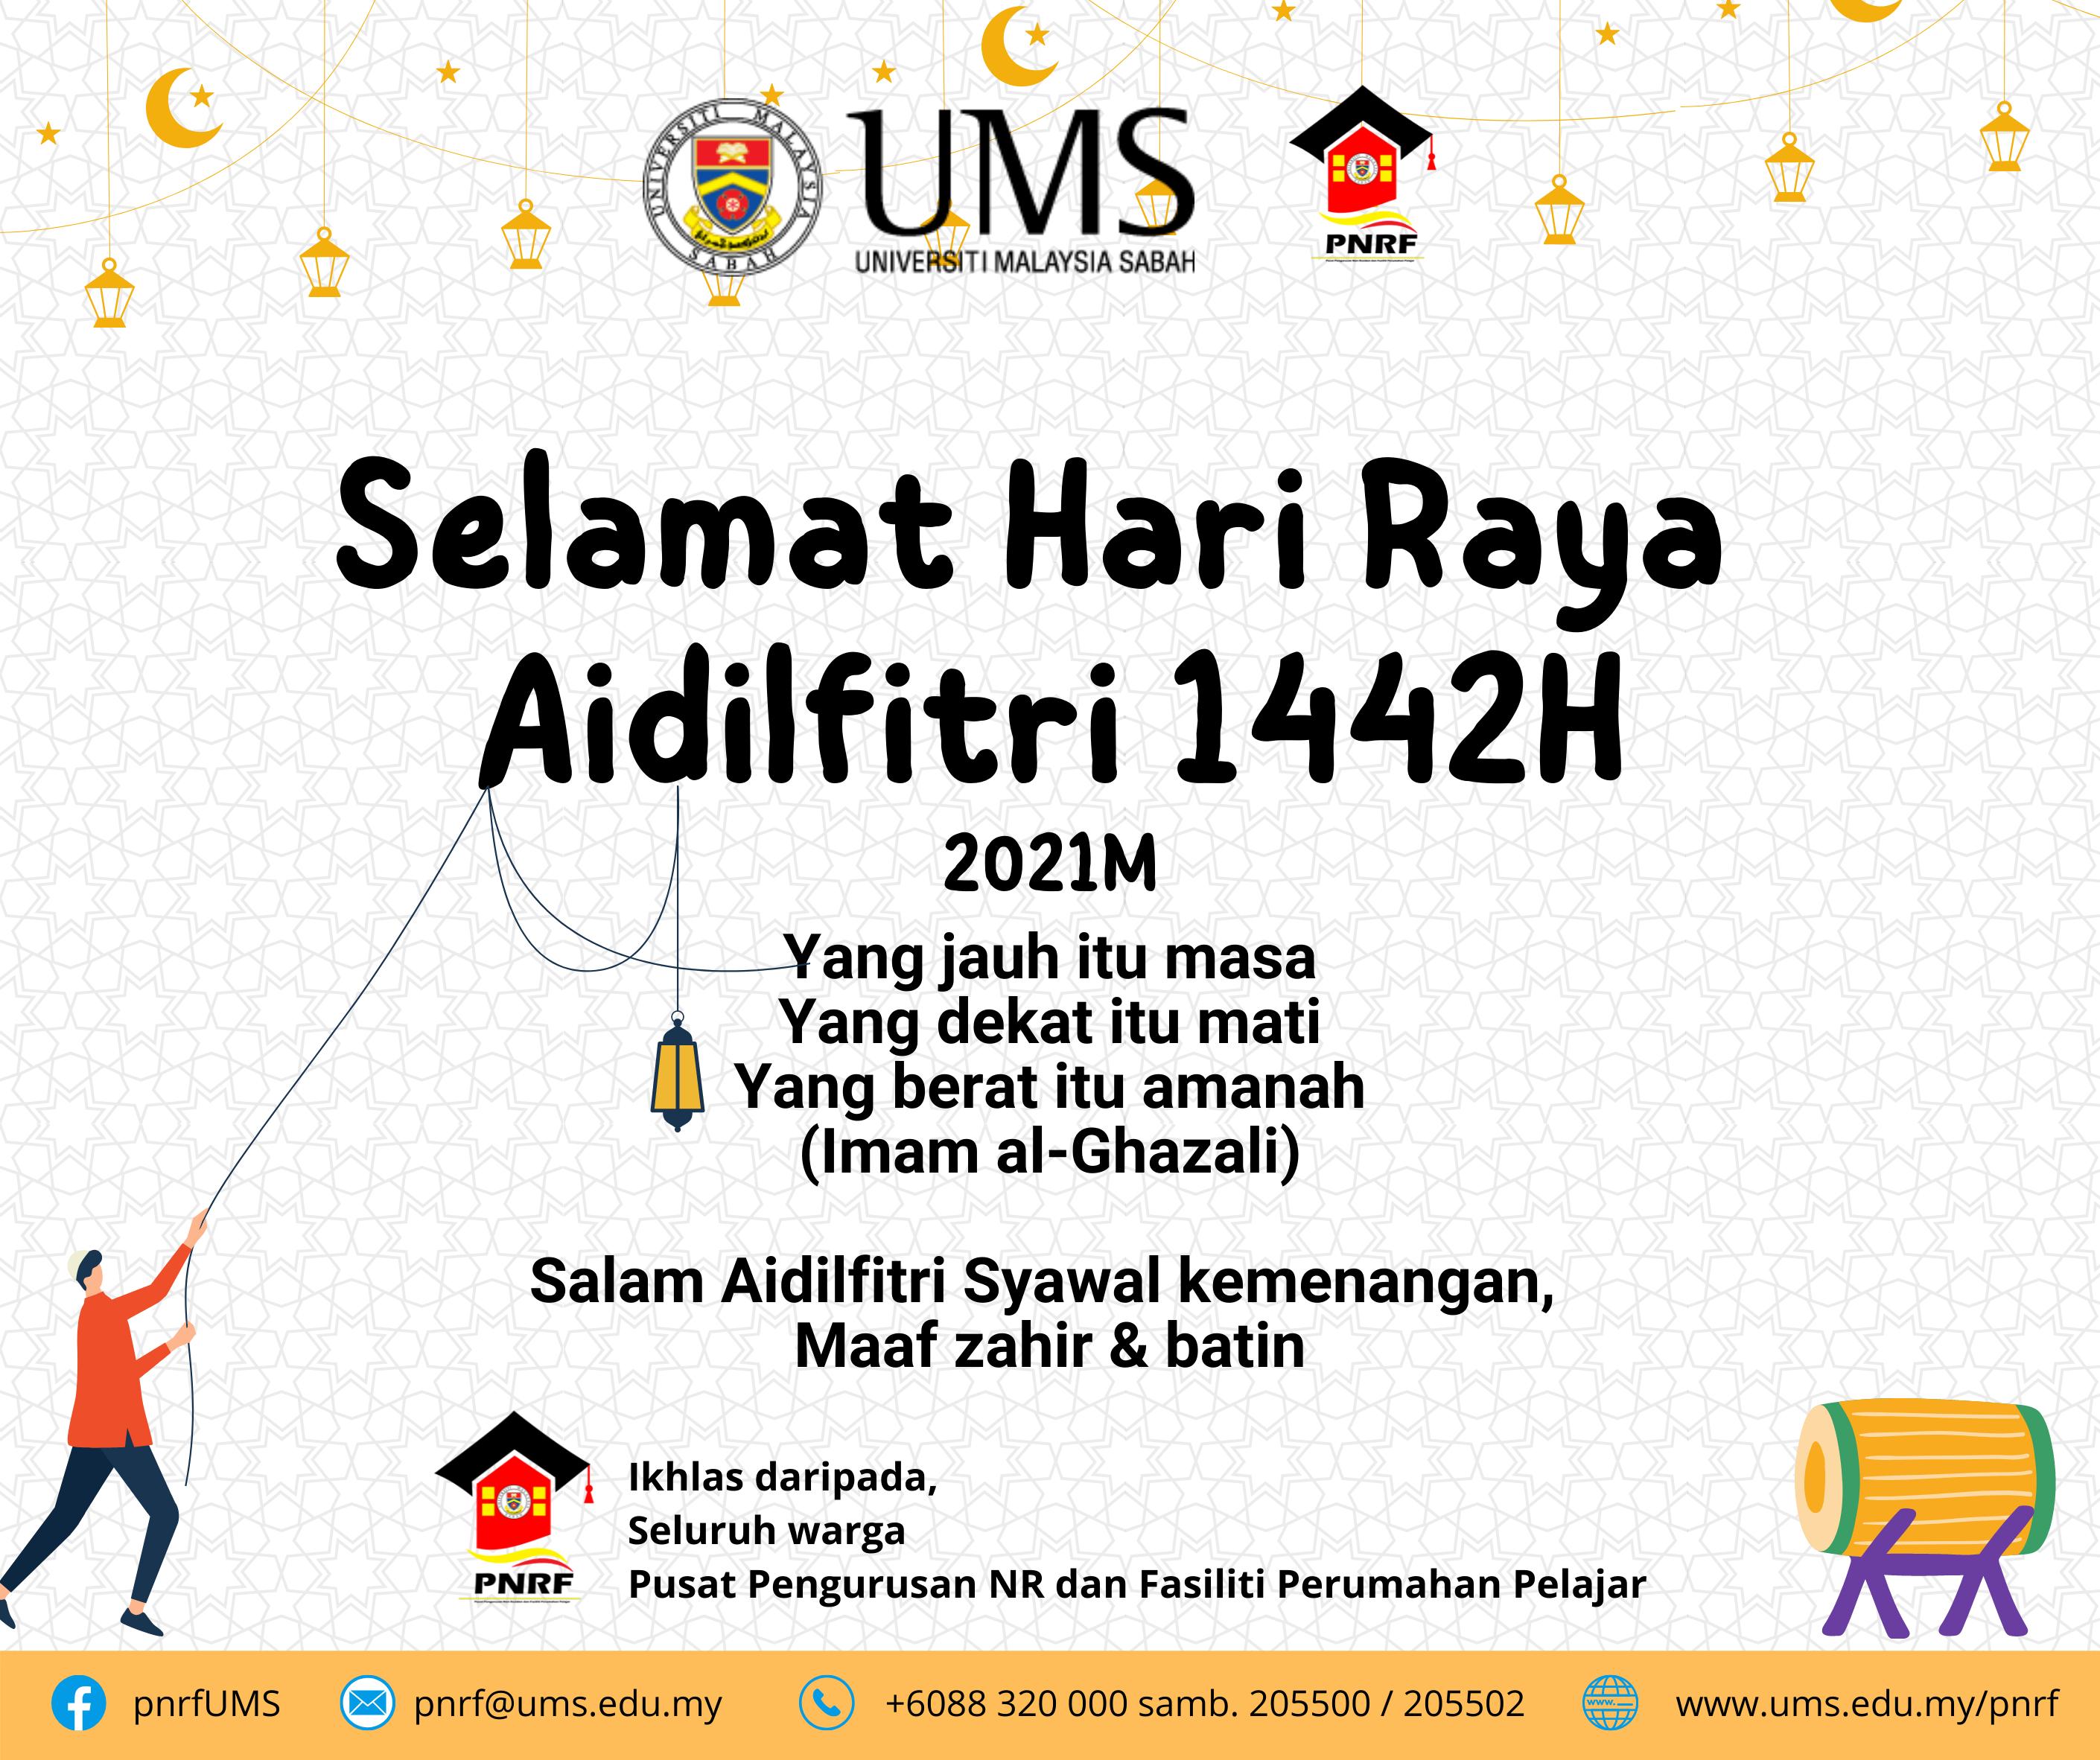 Selamat Hari Raya 1442H/2021M daripada PNRF